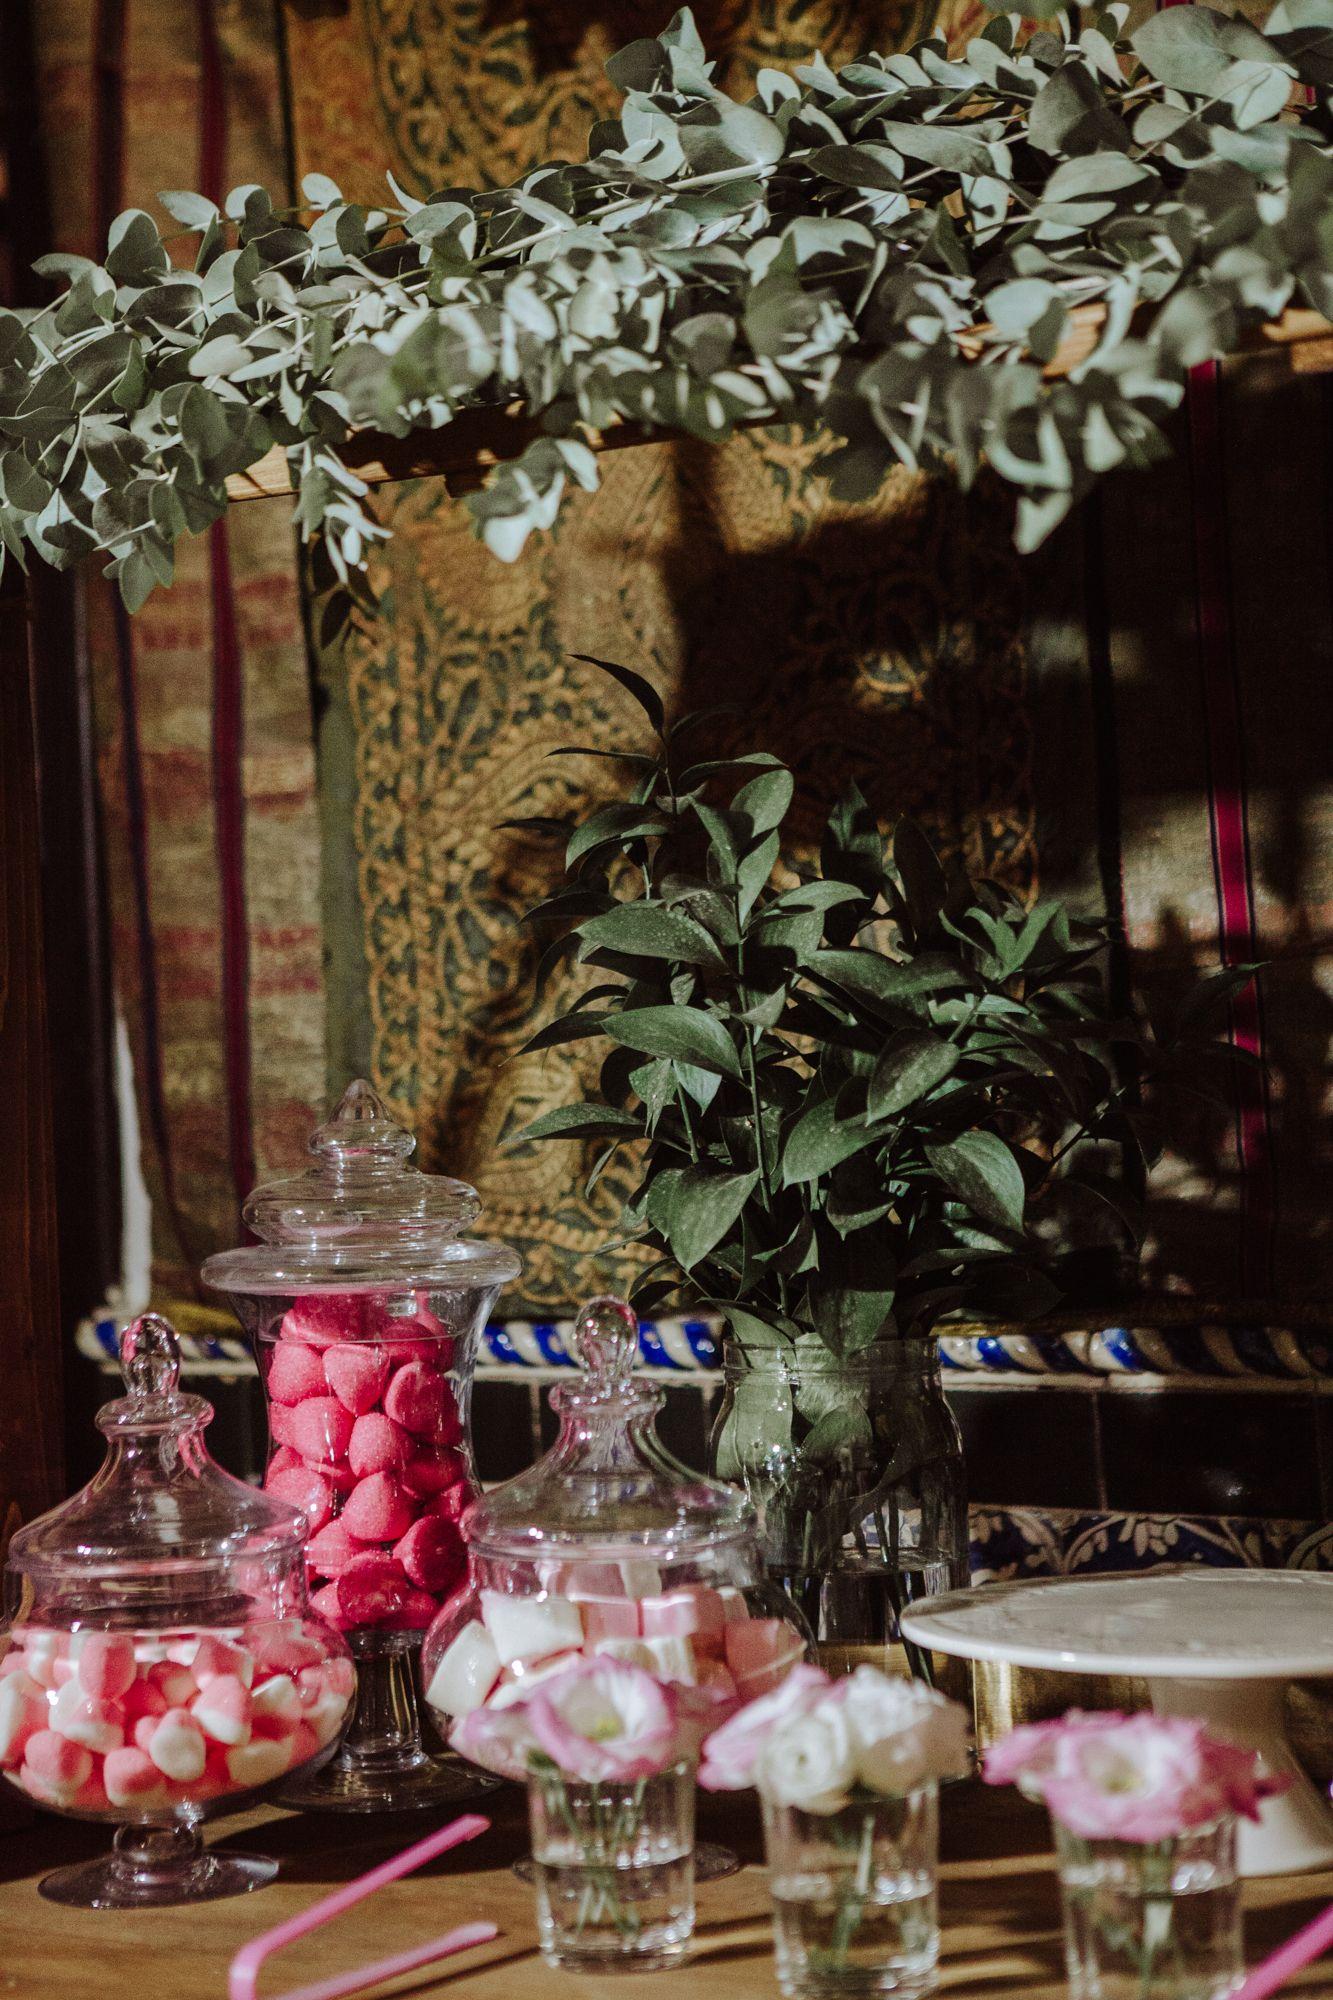 La boda de Amanda y Jorge en Villa Luisa 9